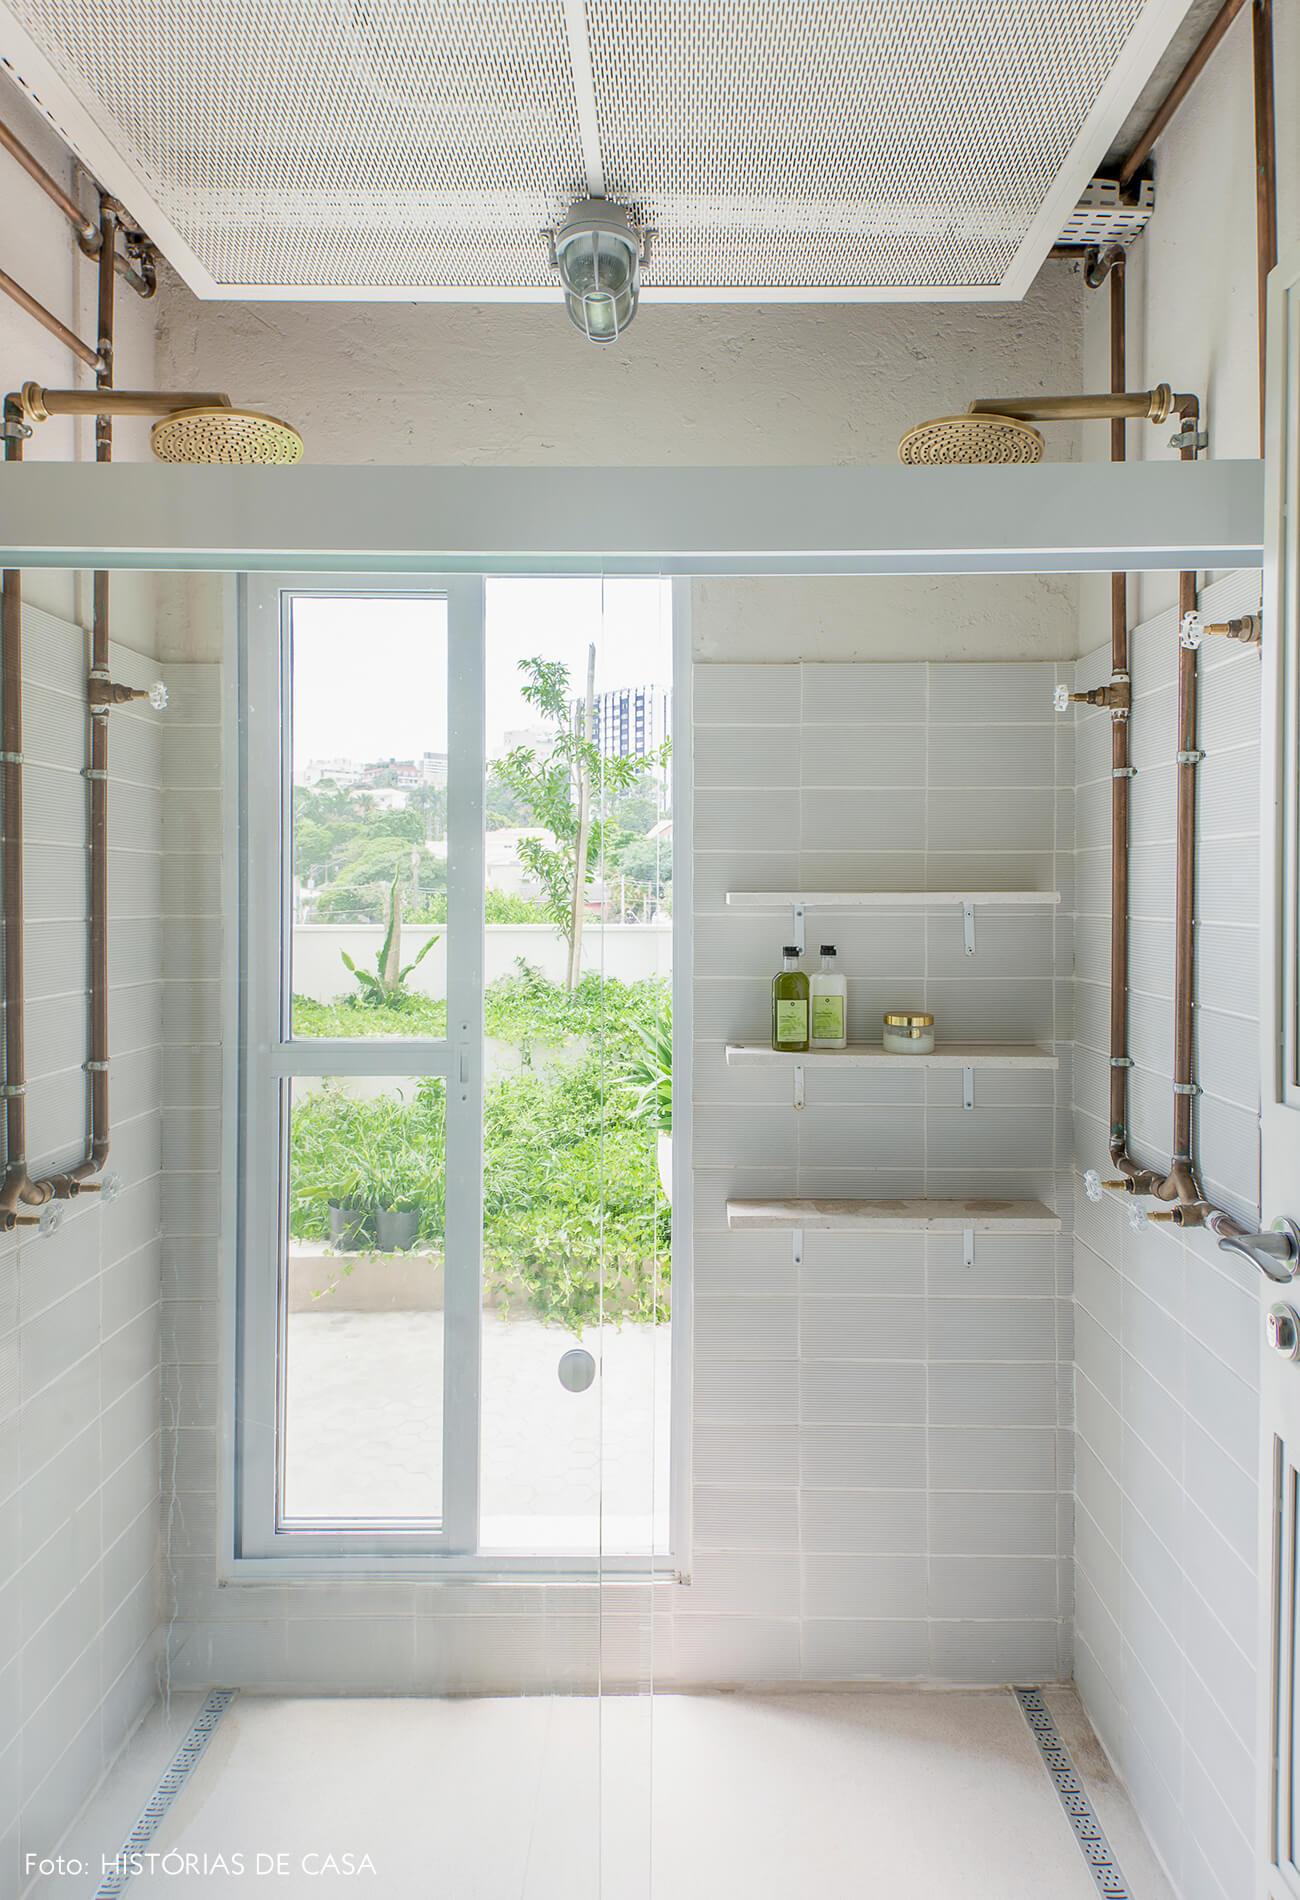 Banheiro com estilo industrial e projeto do Estúdio Penha